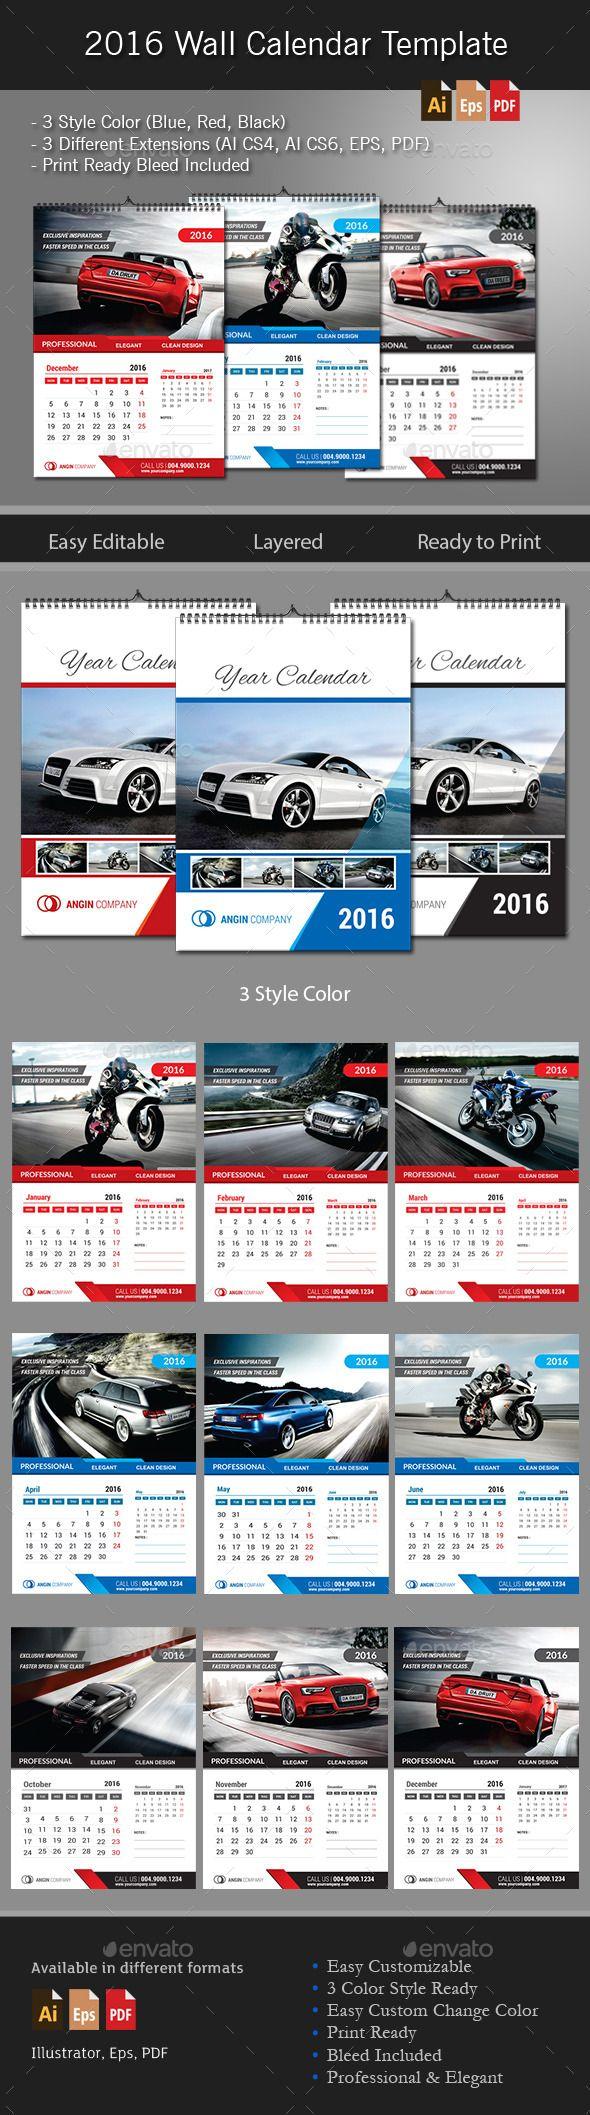 Corporate Wall Calendar Ideas : Best ideas about calendar templates on pinterest